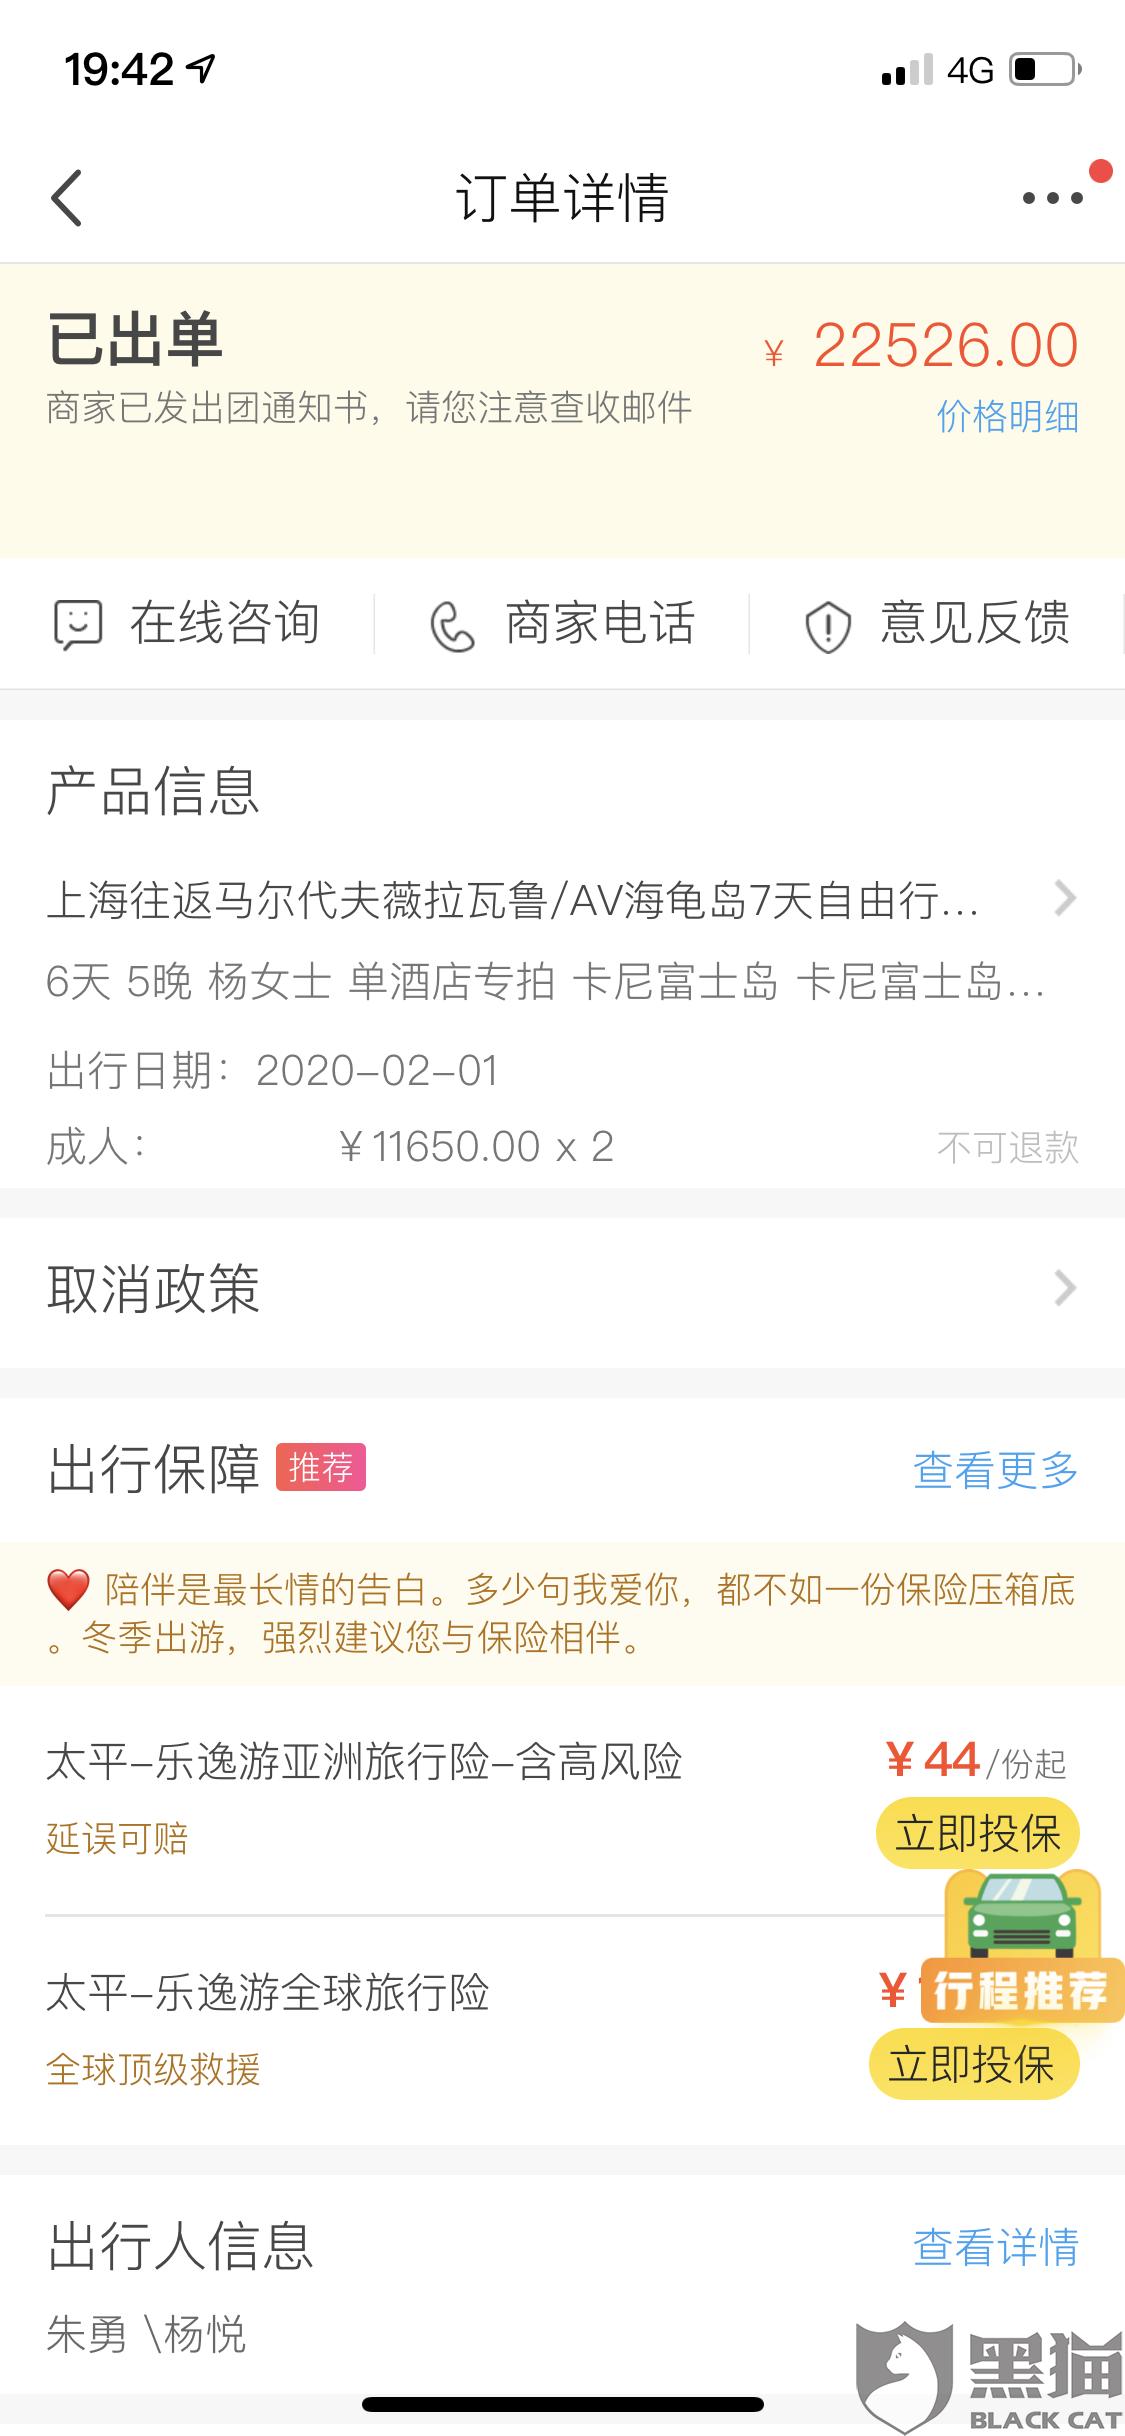 黑猫投诉:疫情严重,深圳市海外国际旅行社有限公司海外联谊大厦营业部不予退款。